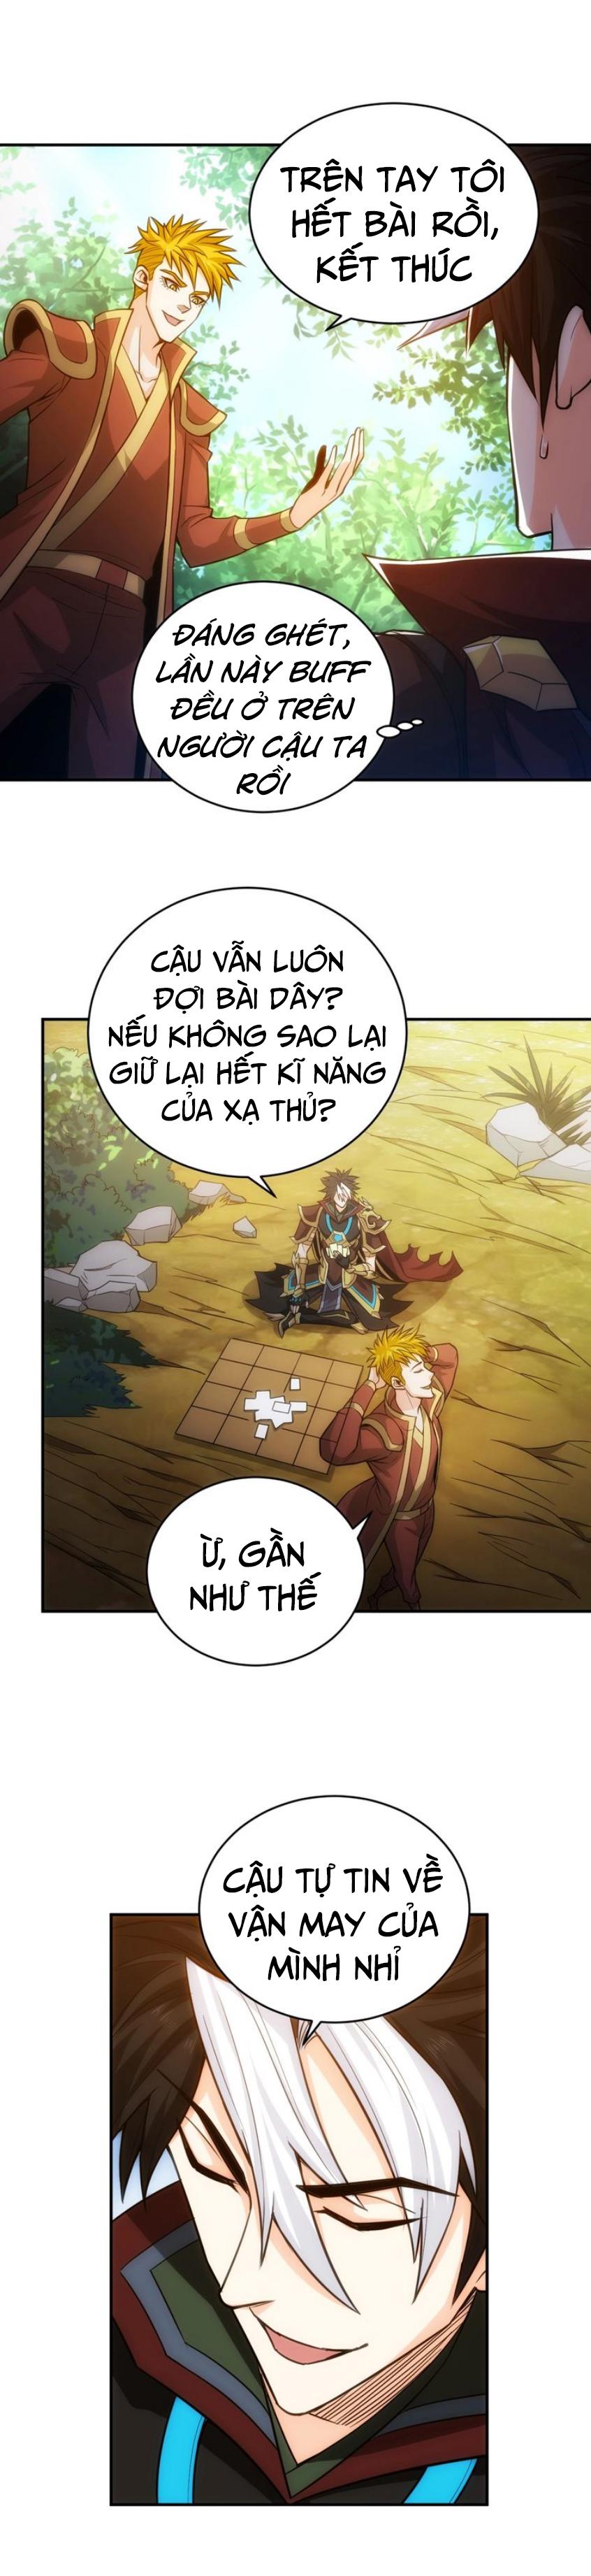 Rich Player - Người Chơi Khắc Kim Chapter 70 - truyenmh.com